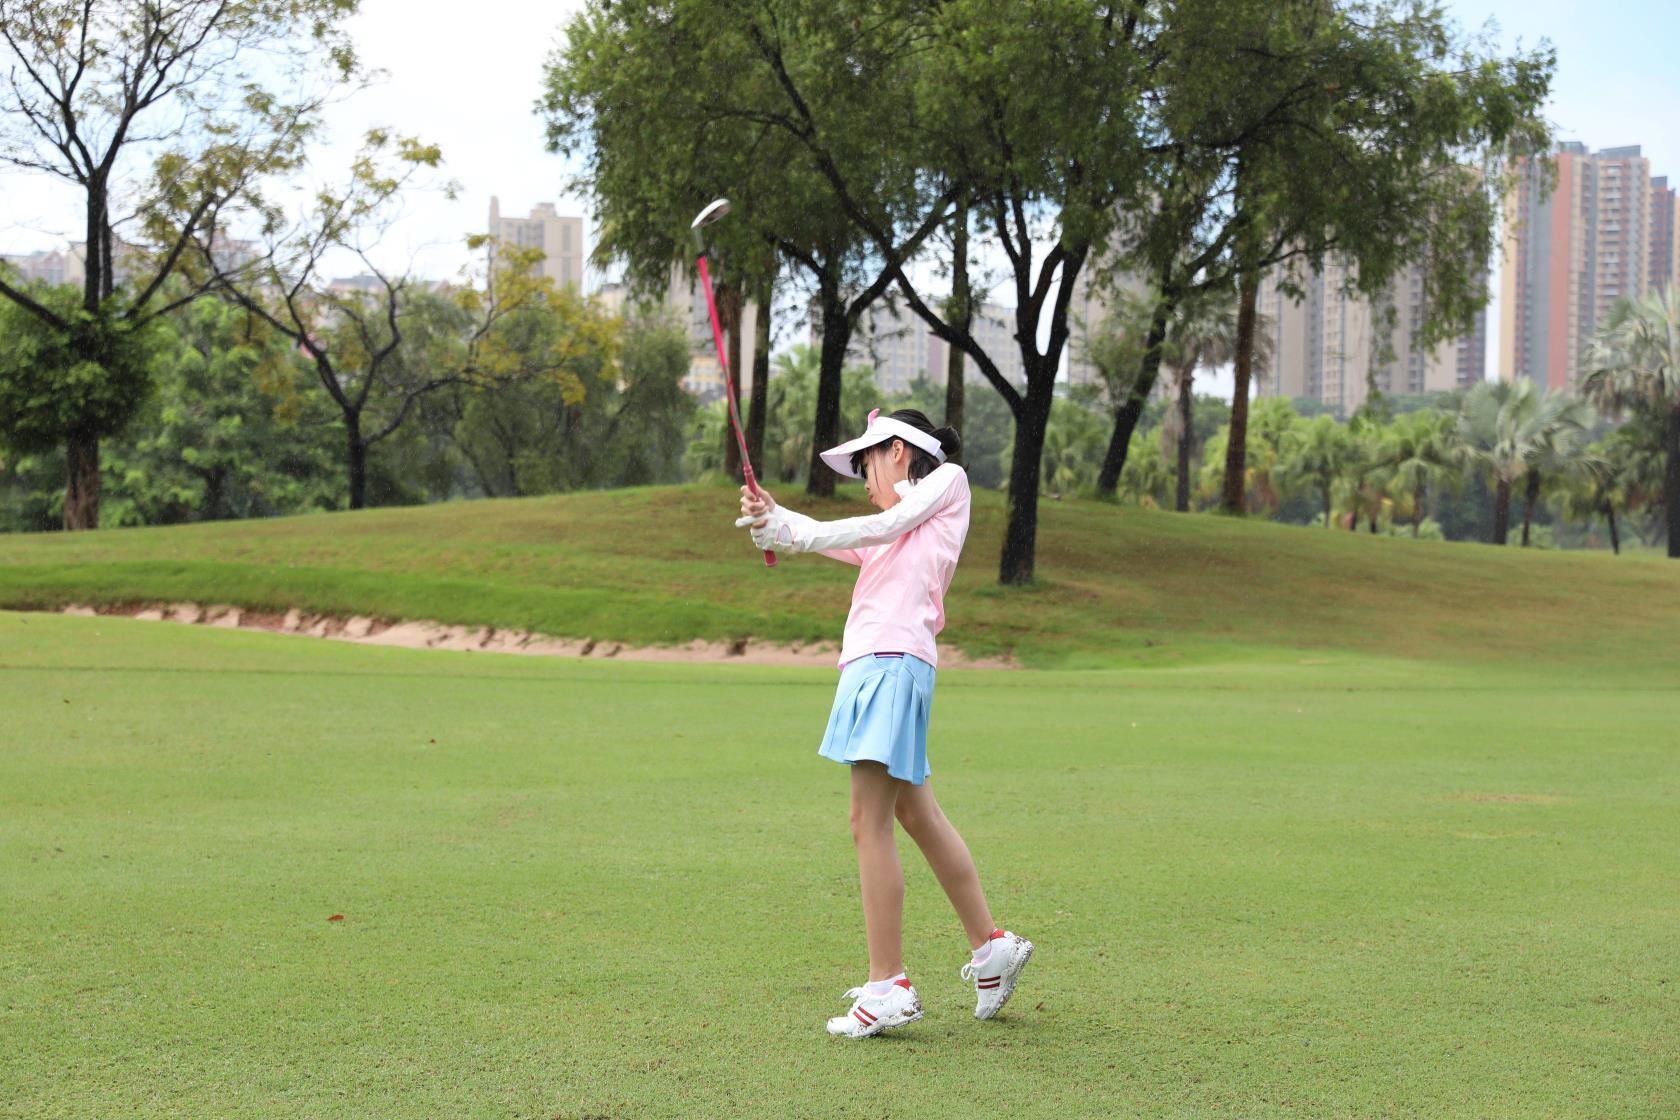 PGA职业球员的官方一号木距离是怎样统计的?